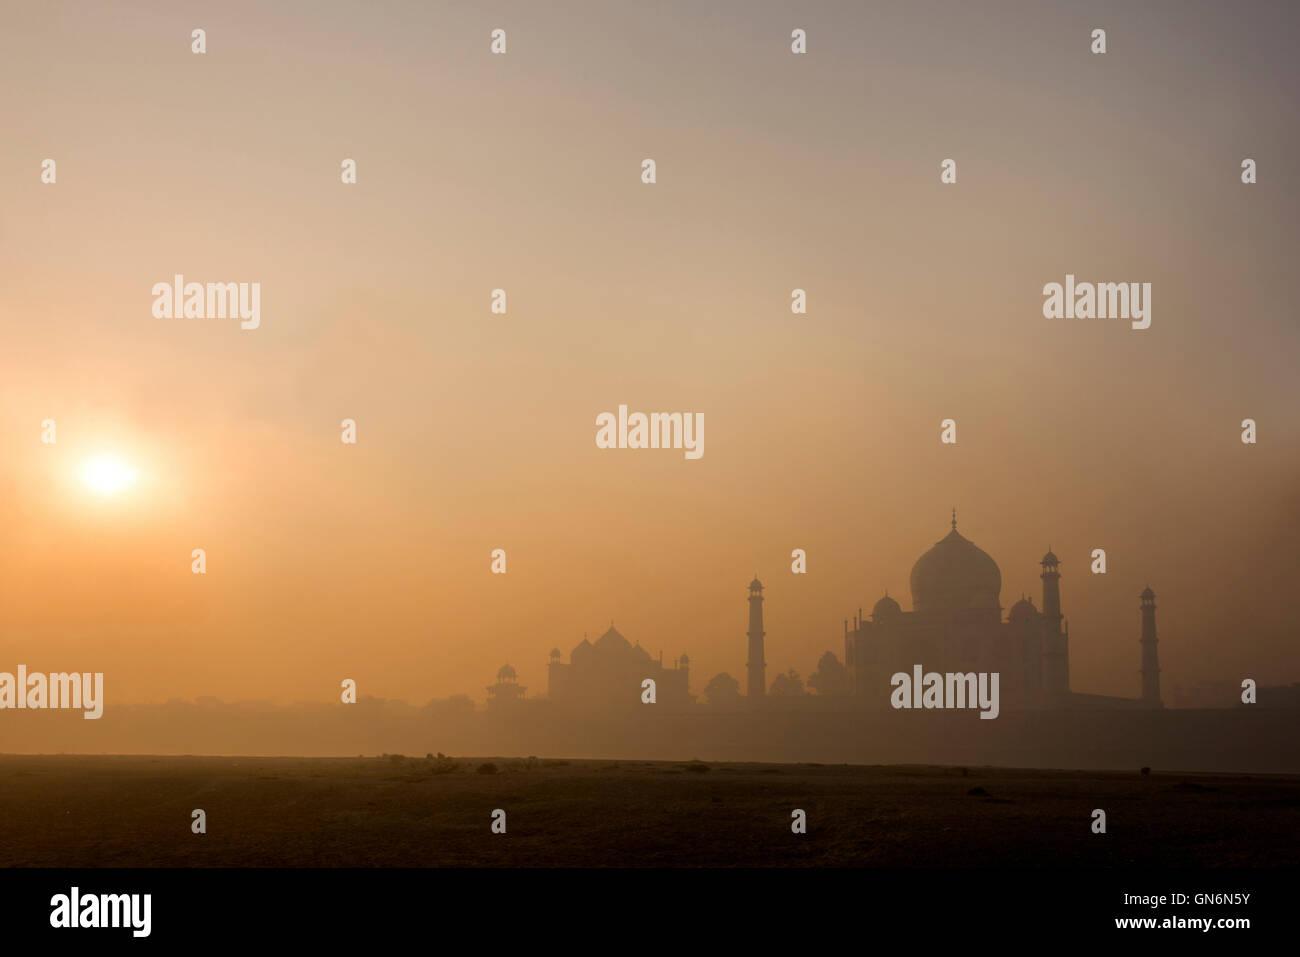 Il sole che aumenta nelle prime ore del mattino la nebbia oltre il Taj Mahal di Agra, Uttar Pradesh. India Immagini Stock